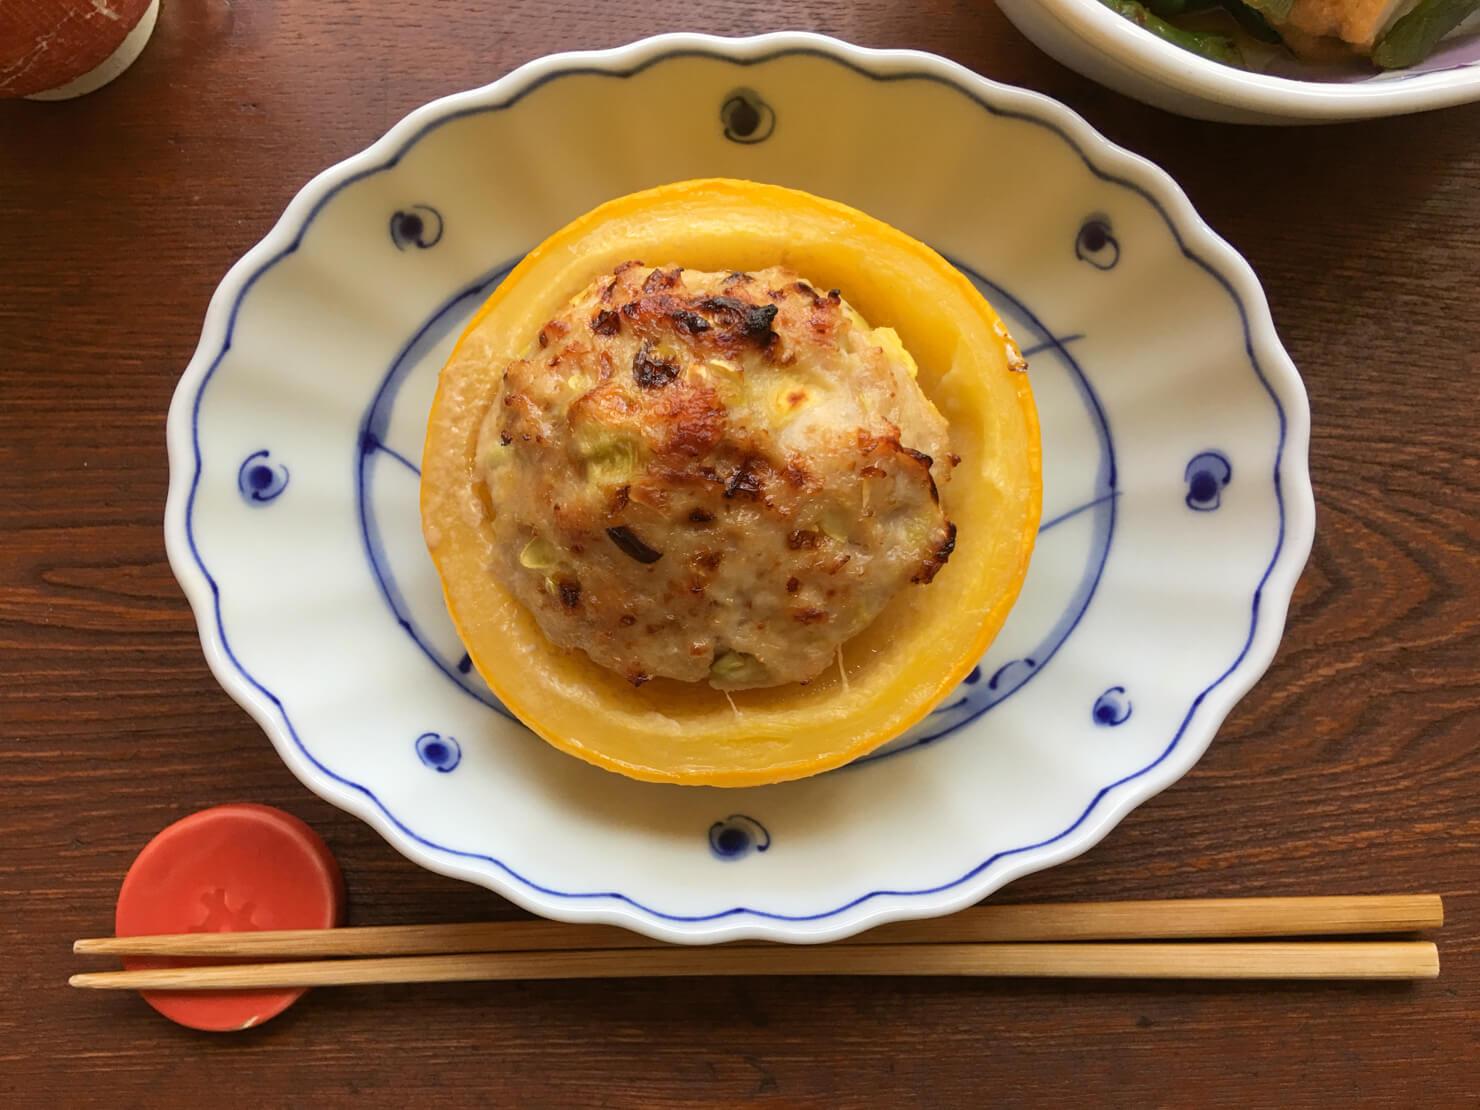 丸ズッキーニの肉詰め焼きの写真